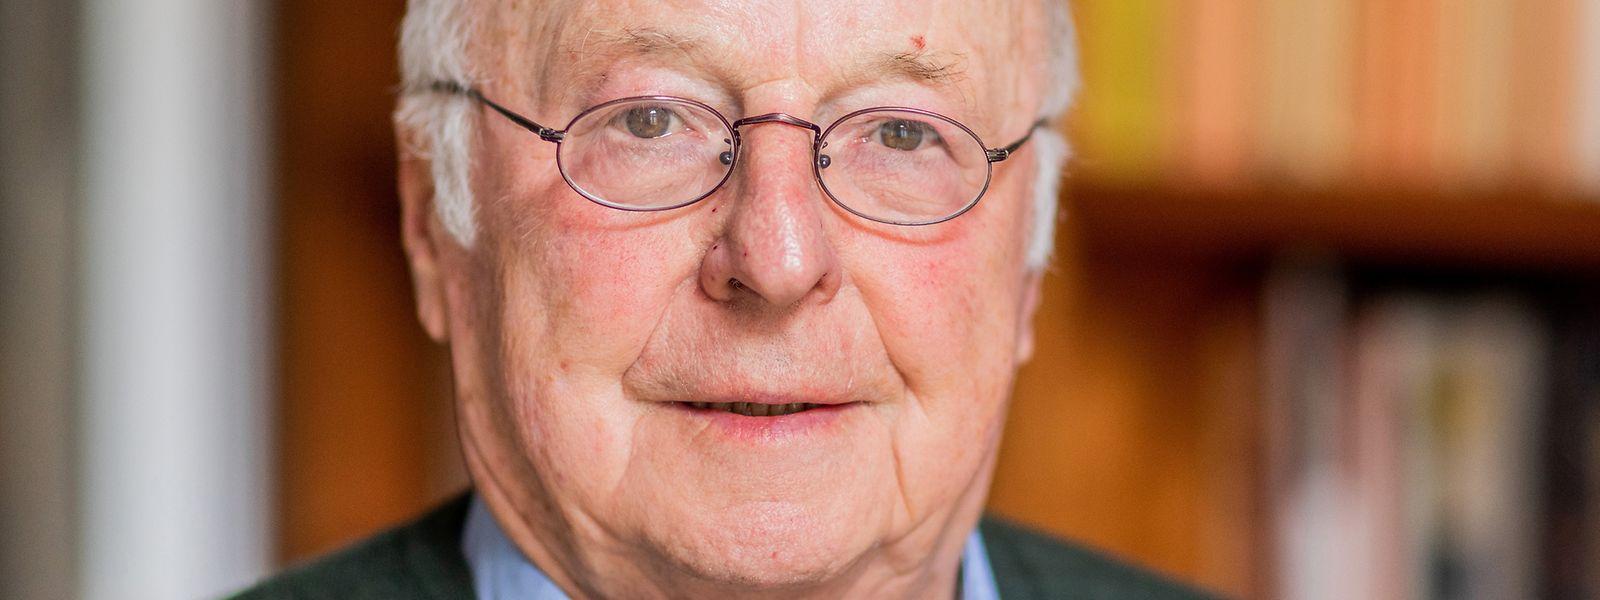 Norbert Blüm (CDU), ehemaliger Arbeits- und Sozialminister der Bundesrepublik Deutschland.